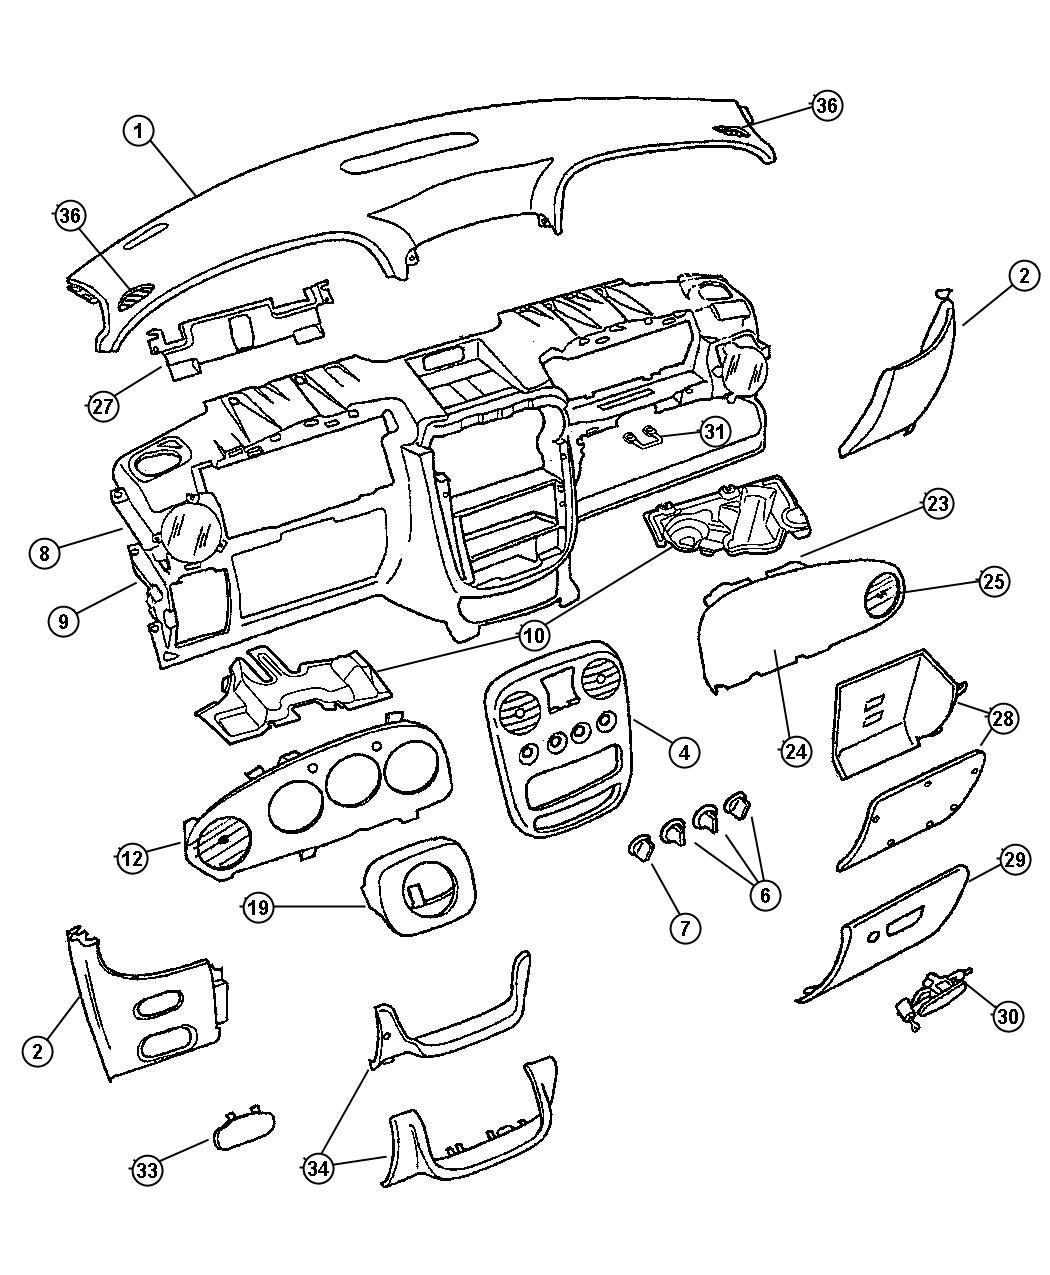 Chrysler Pt Cruiser Cover. Fuse access. [dv]. Trim: [all